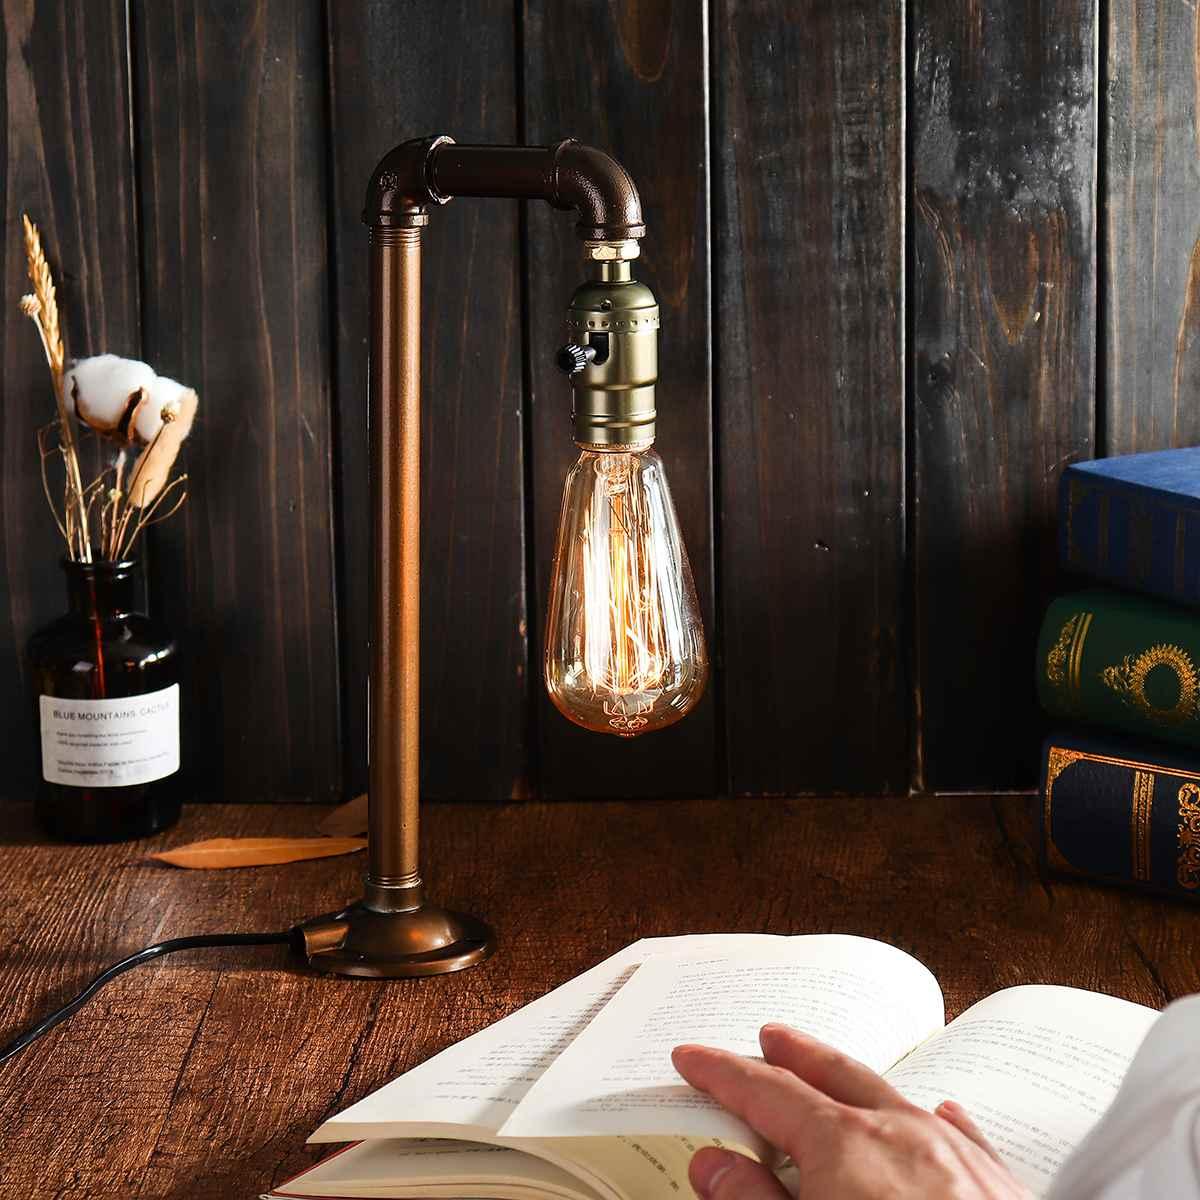 ท่ออุตสาหกรรมตารางโคมไฟ E27 หลอดไฟ Vintage โต๊ะโคมไฟโคมไฟในร่มบ้านตกแต่งห้องนอน